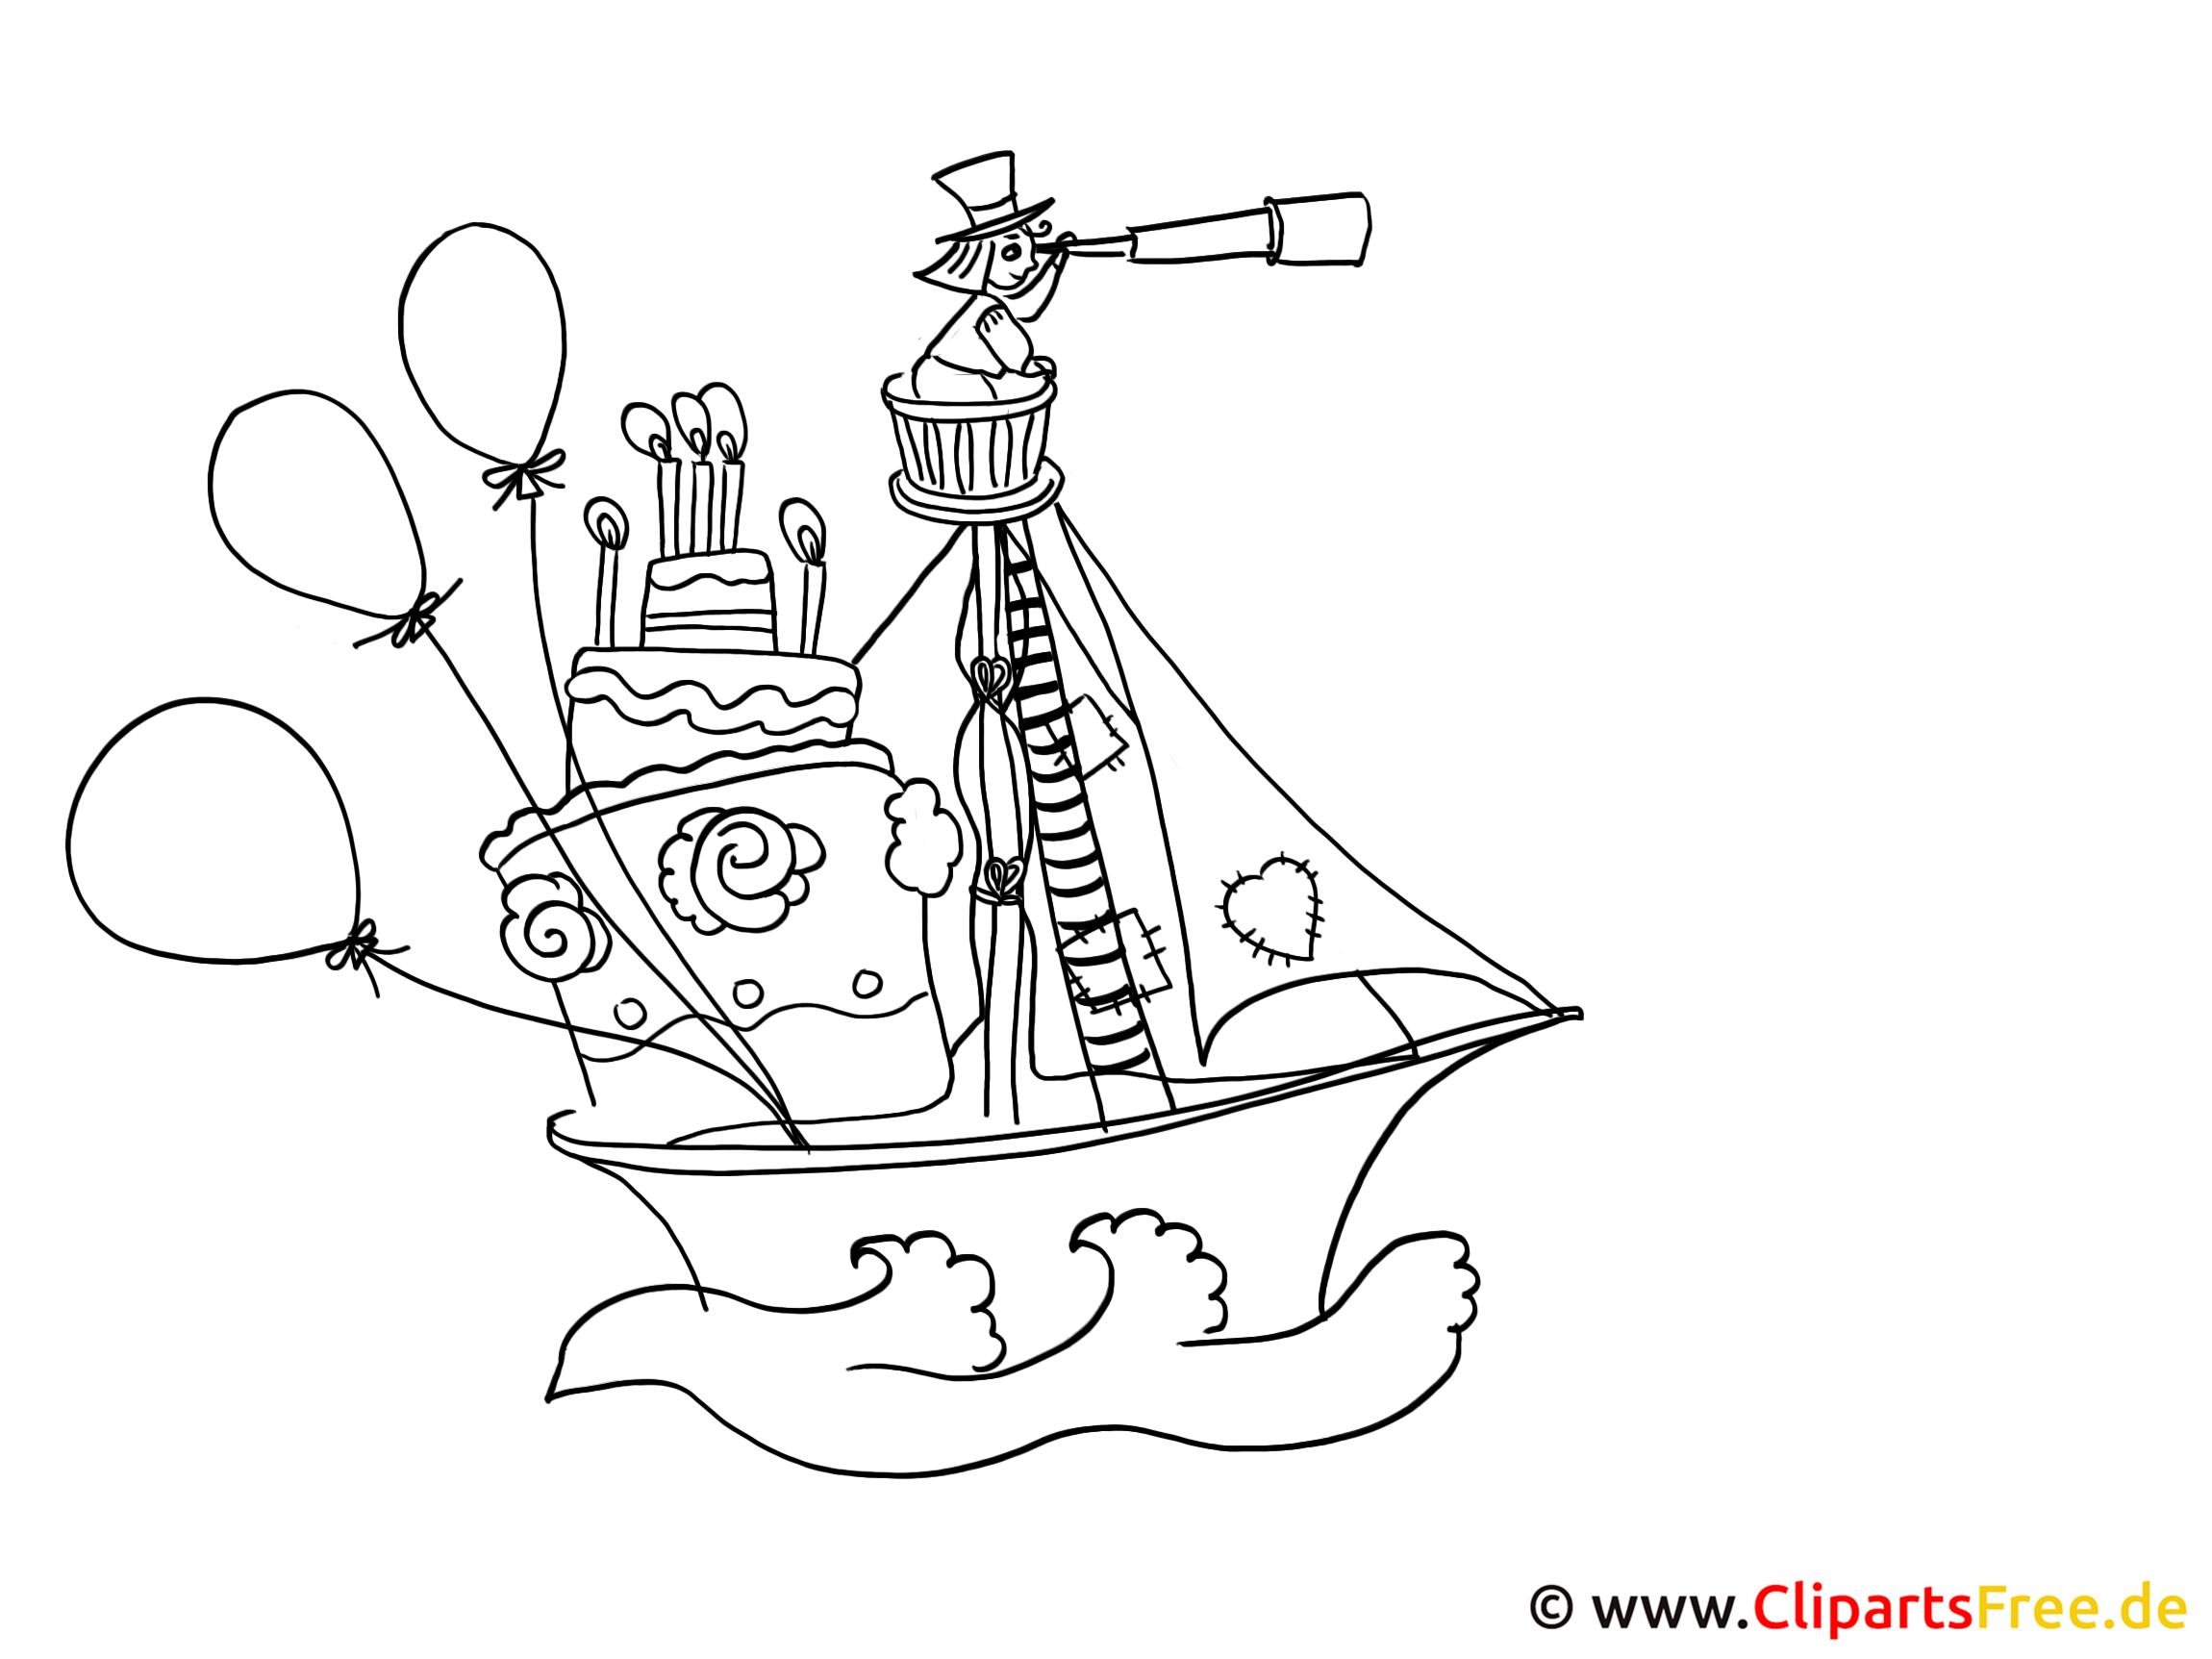 Lustige bilder malen piratenschiff - Lustige bilder zum ausdrucken ...